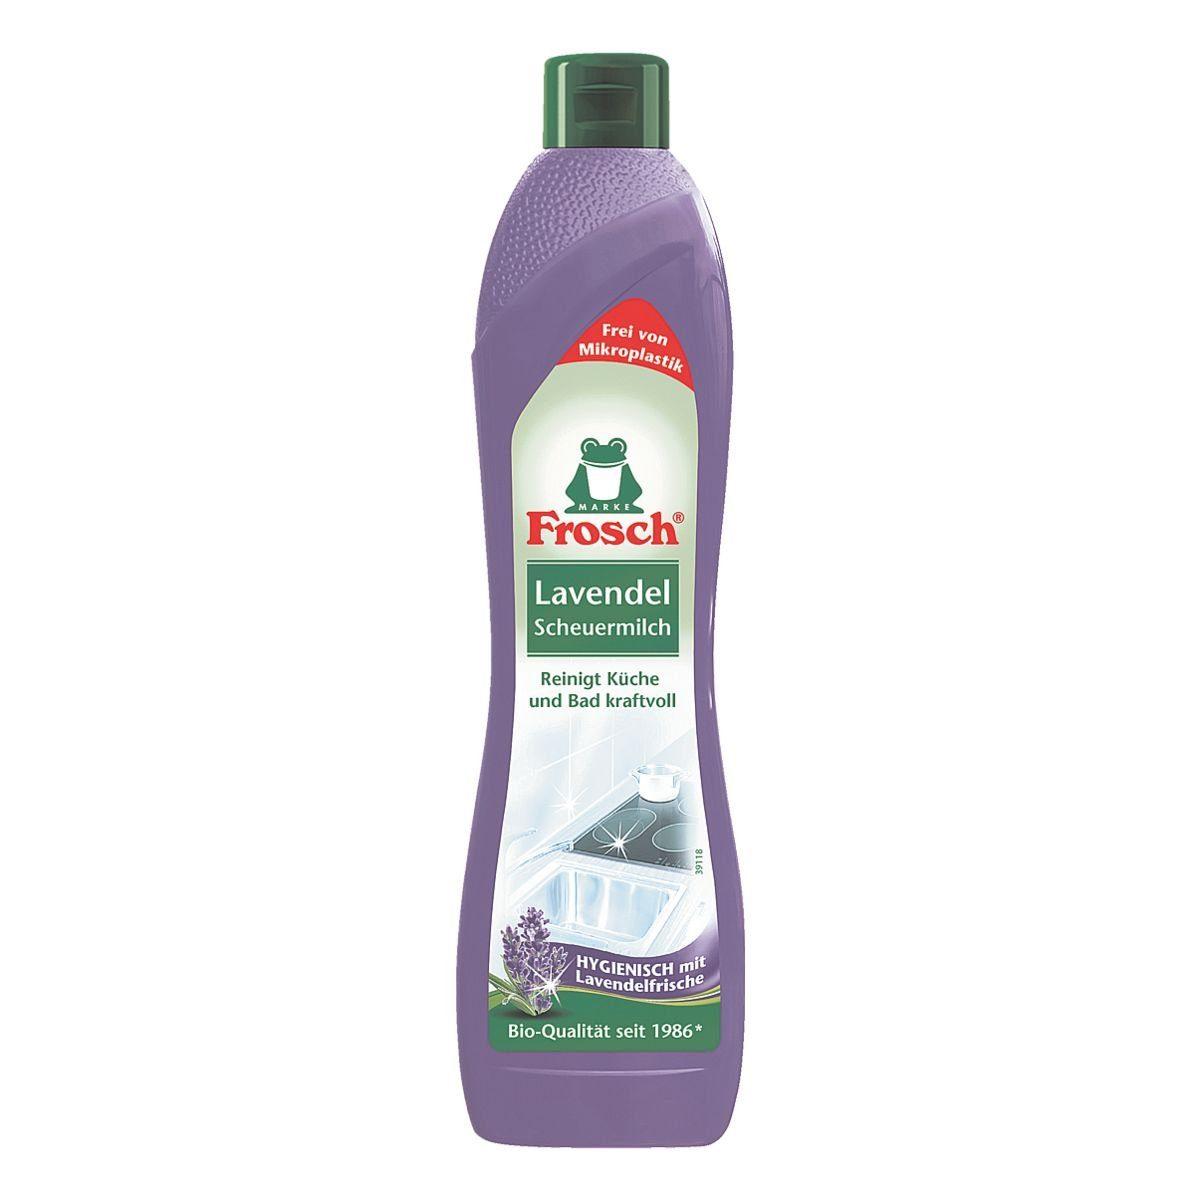 Frosch Scheuermilch »Lavendel«